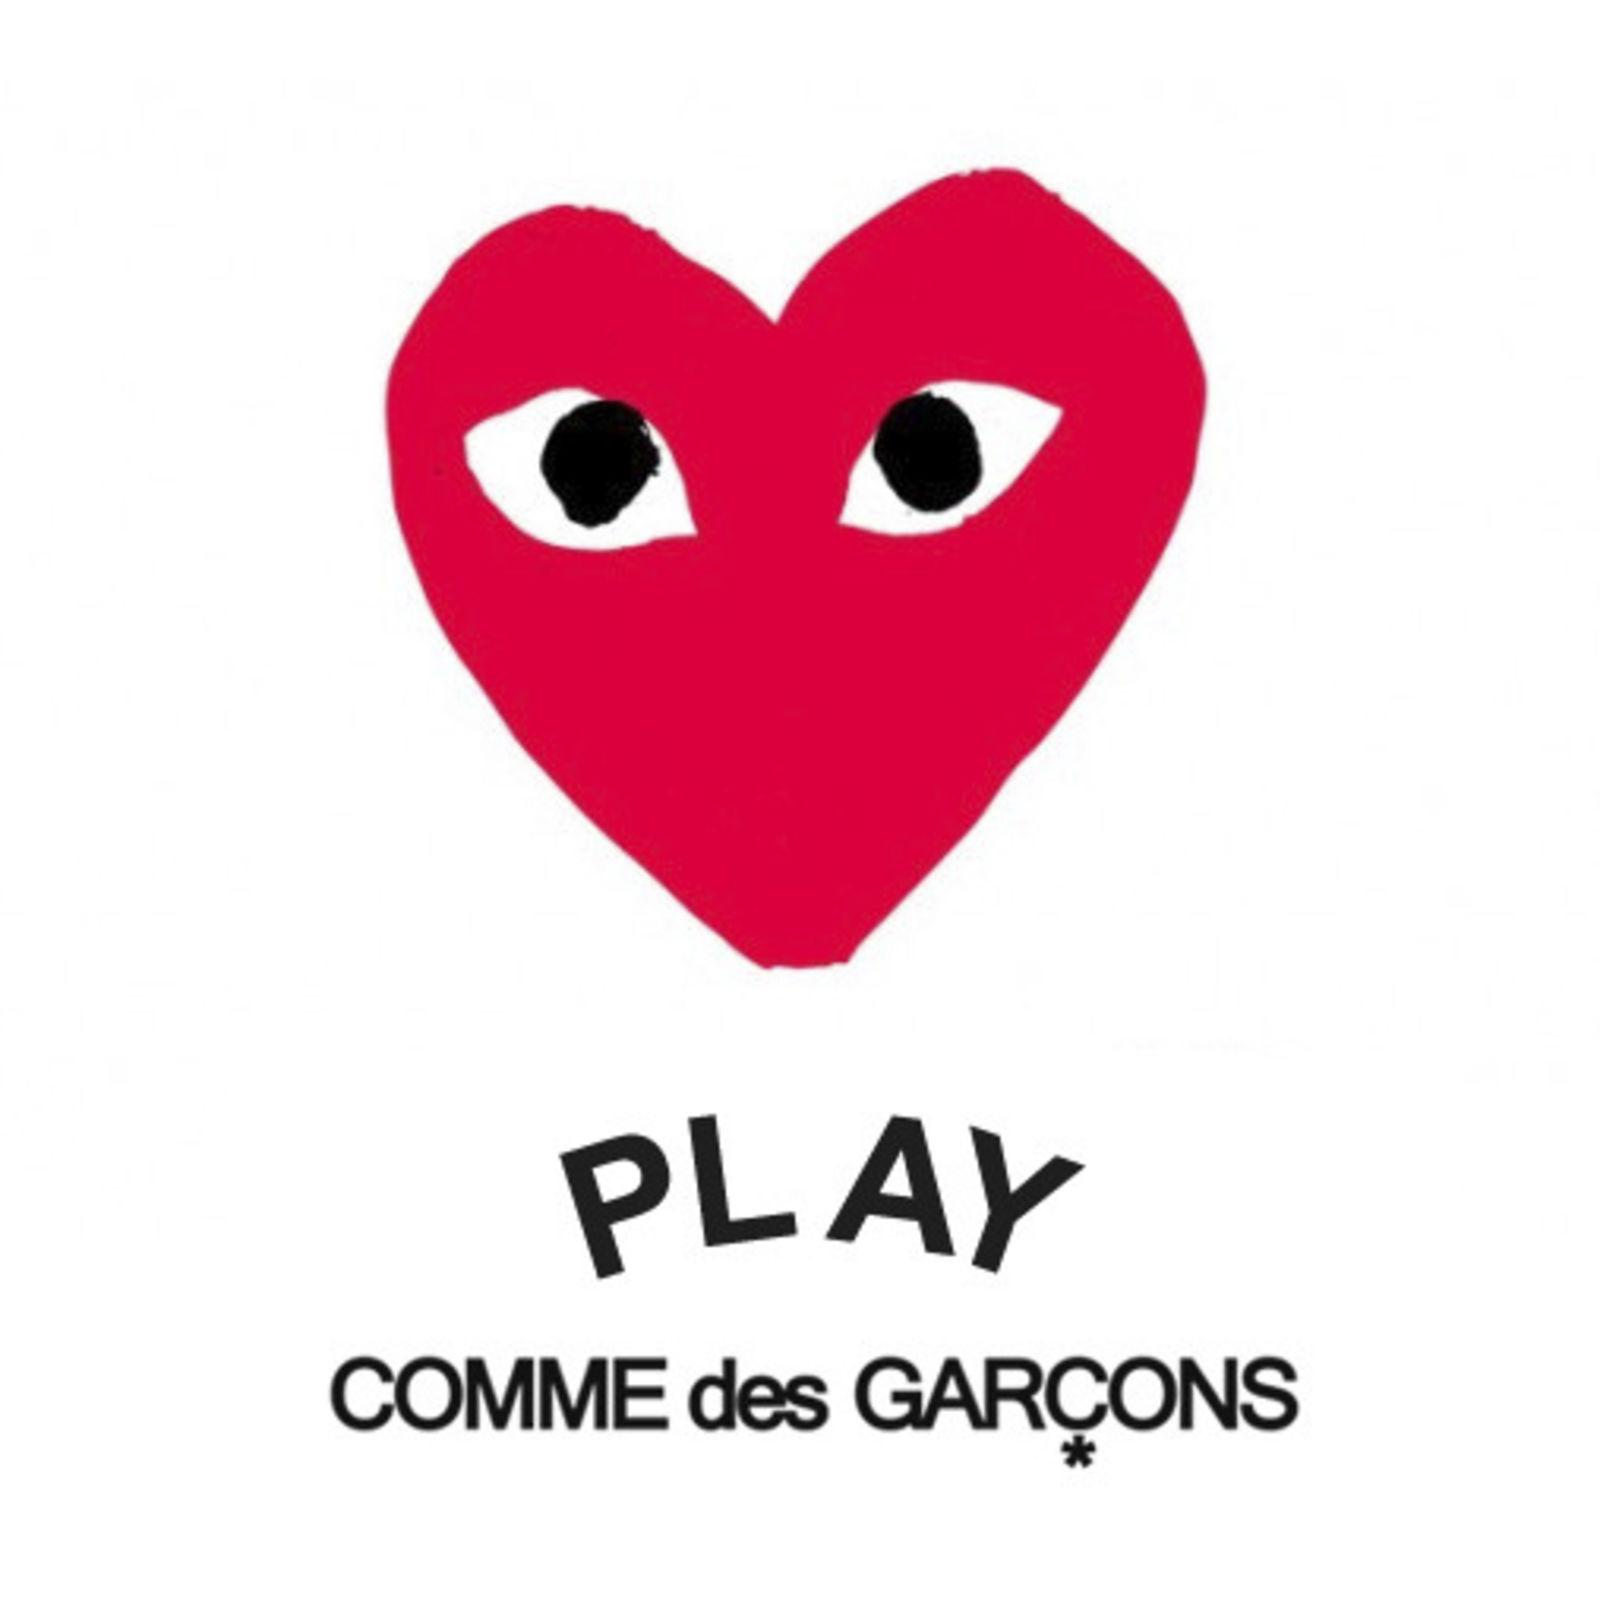 COMME DES GARÇONS PLAY (Image 1)